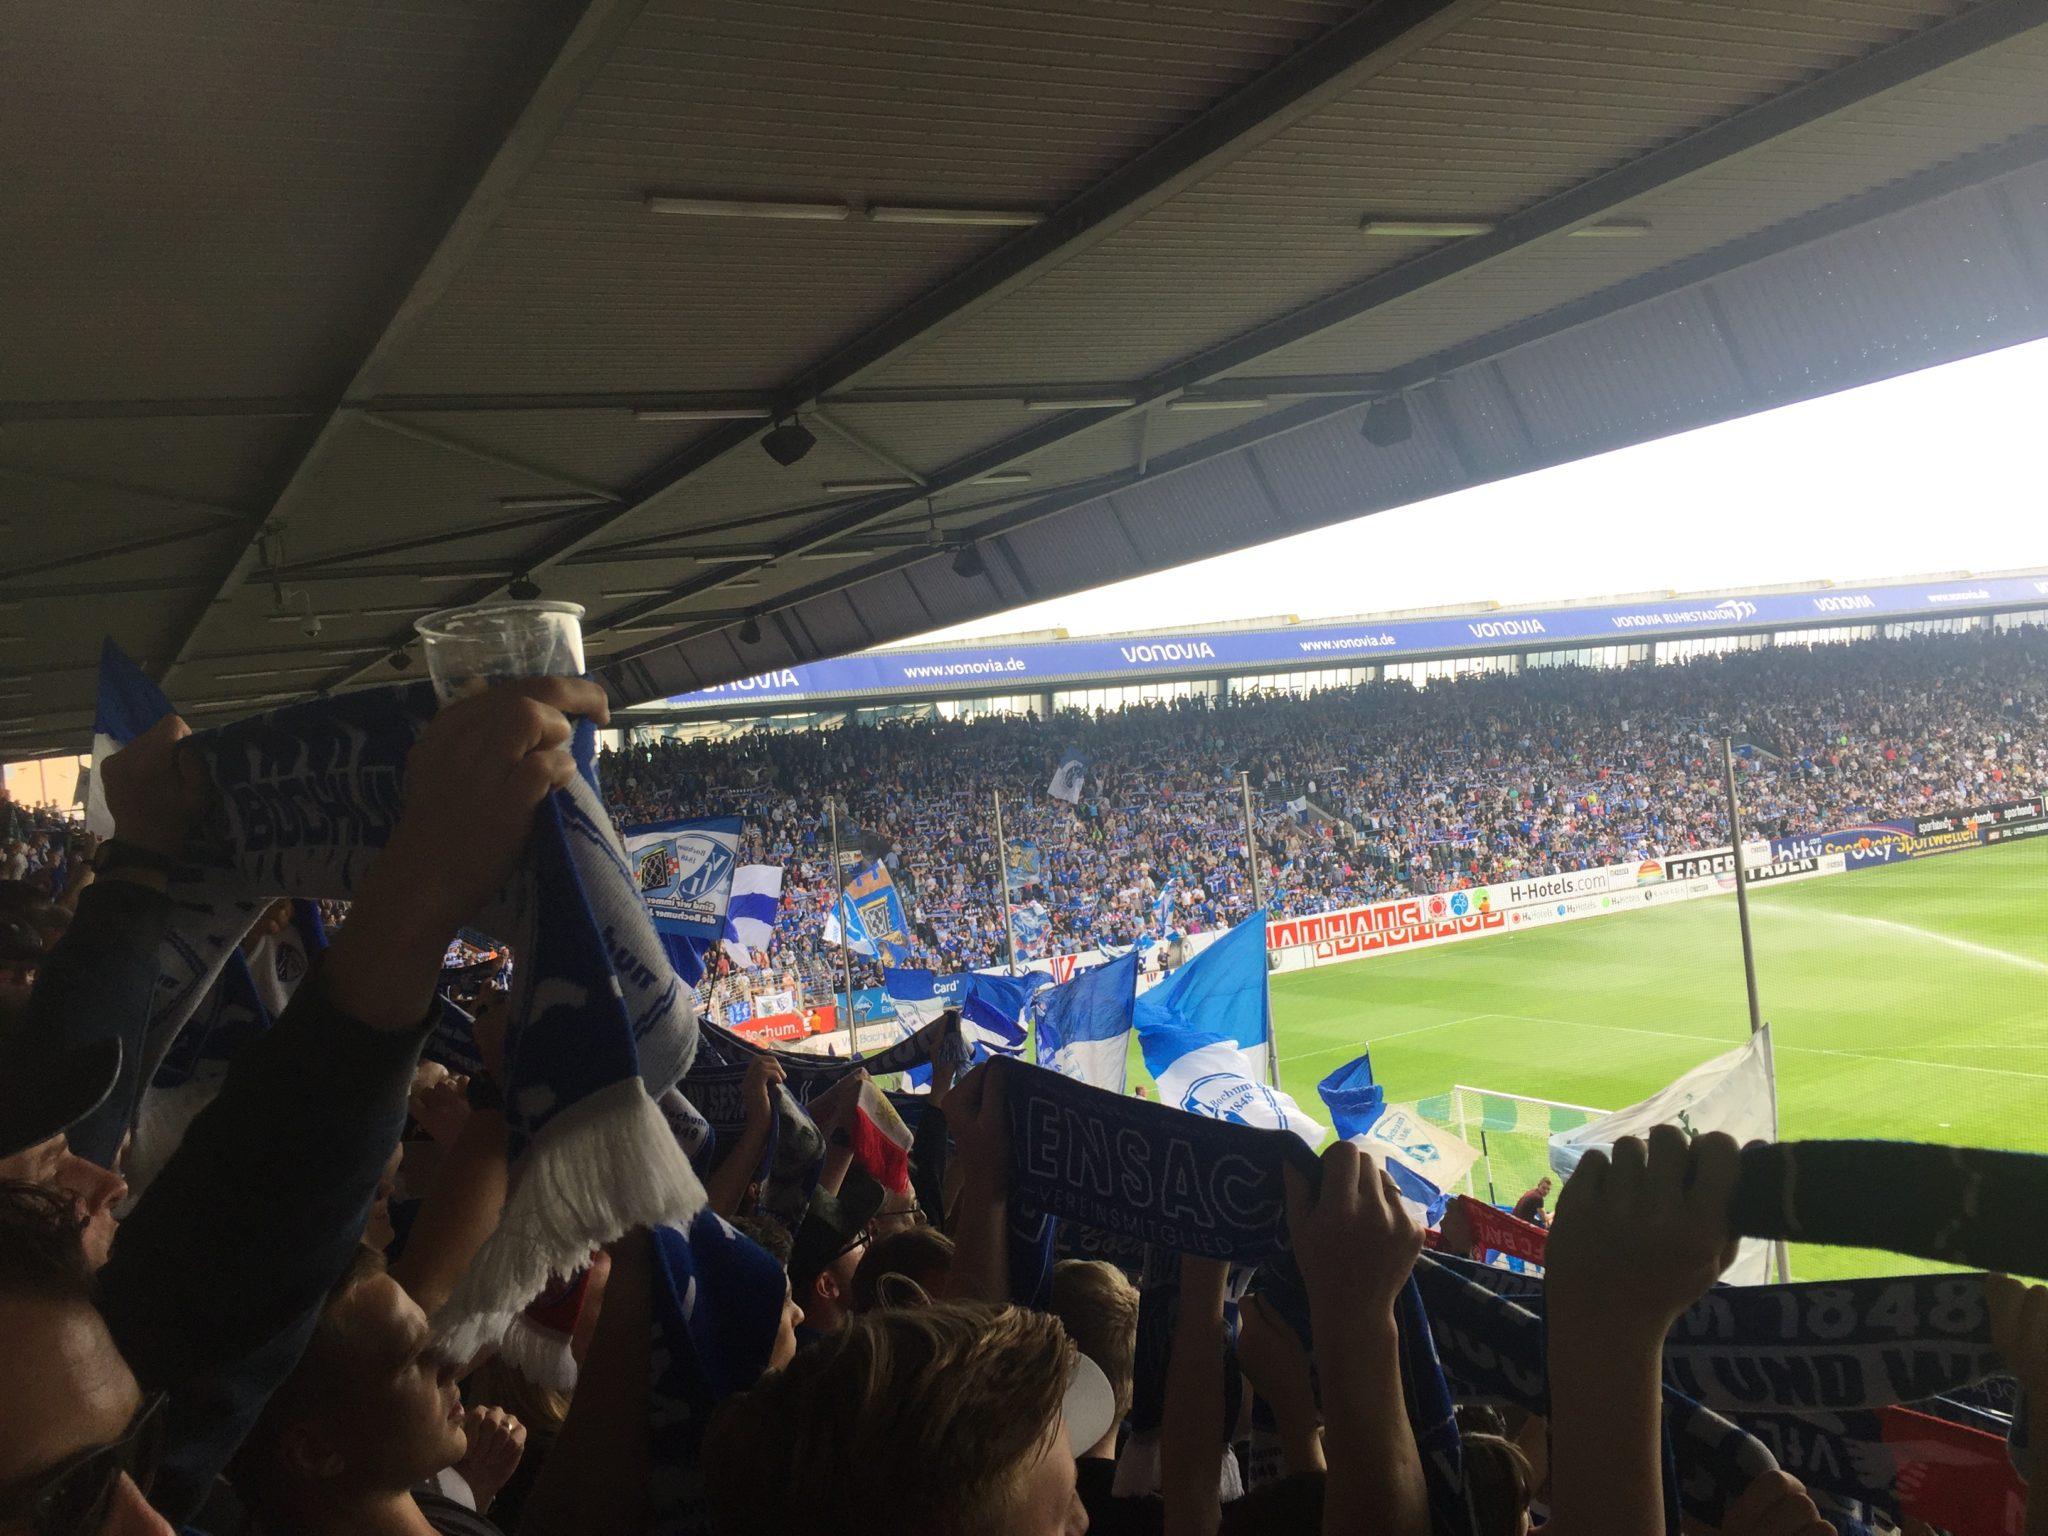 Ruhrstadion - Vfl Bochum